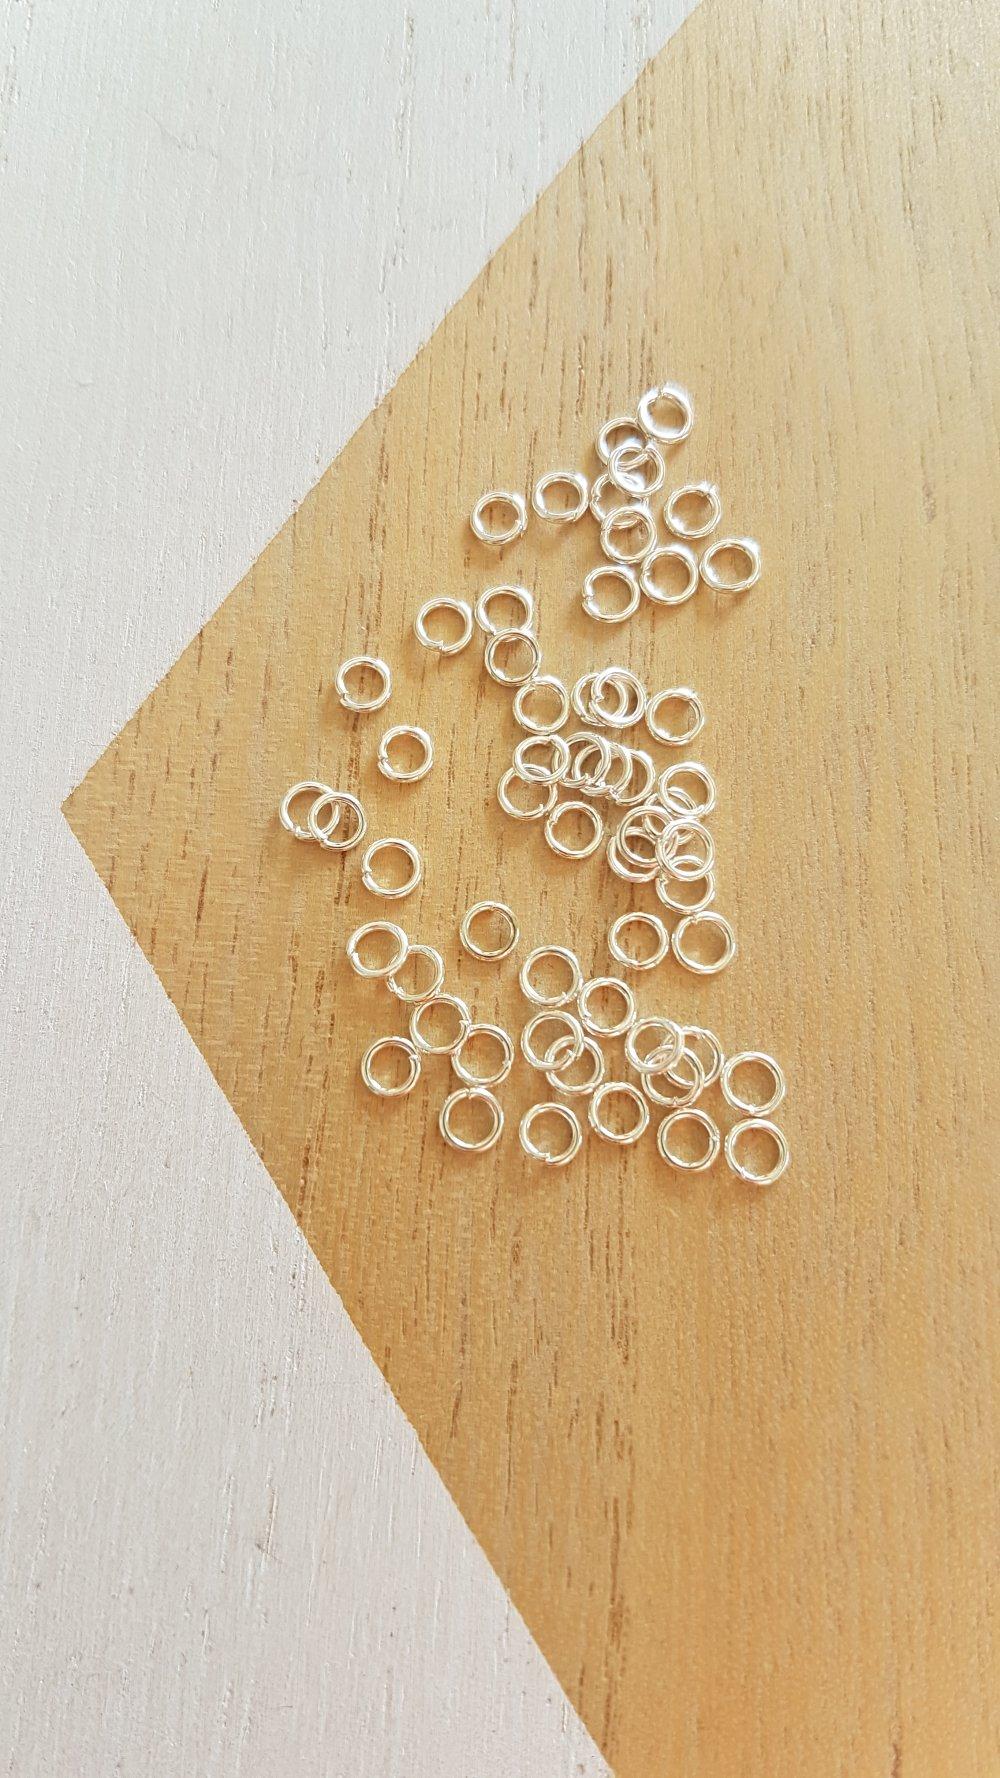 100 anneaux argent 4mm, anneaux ouverts argent